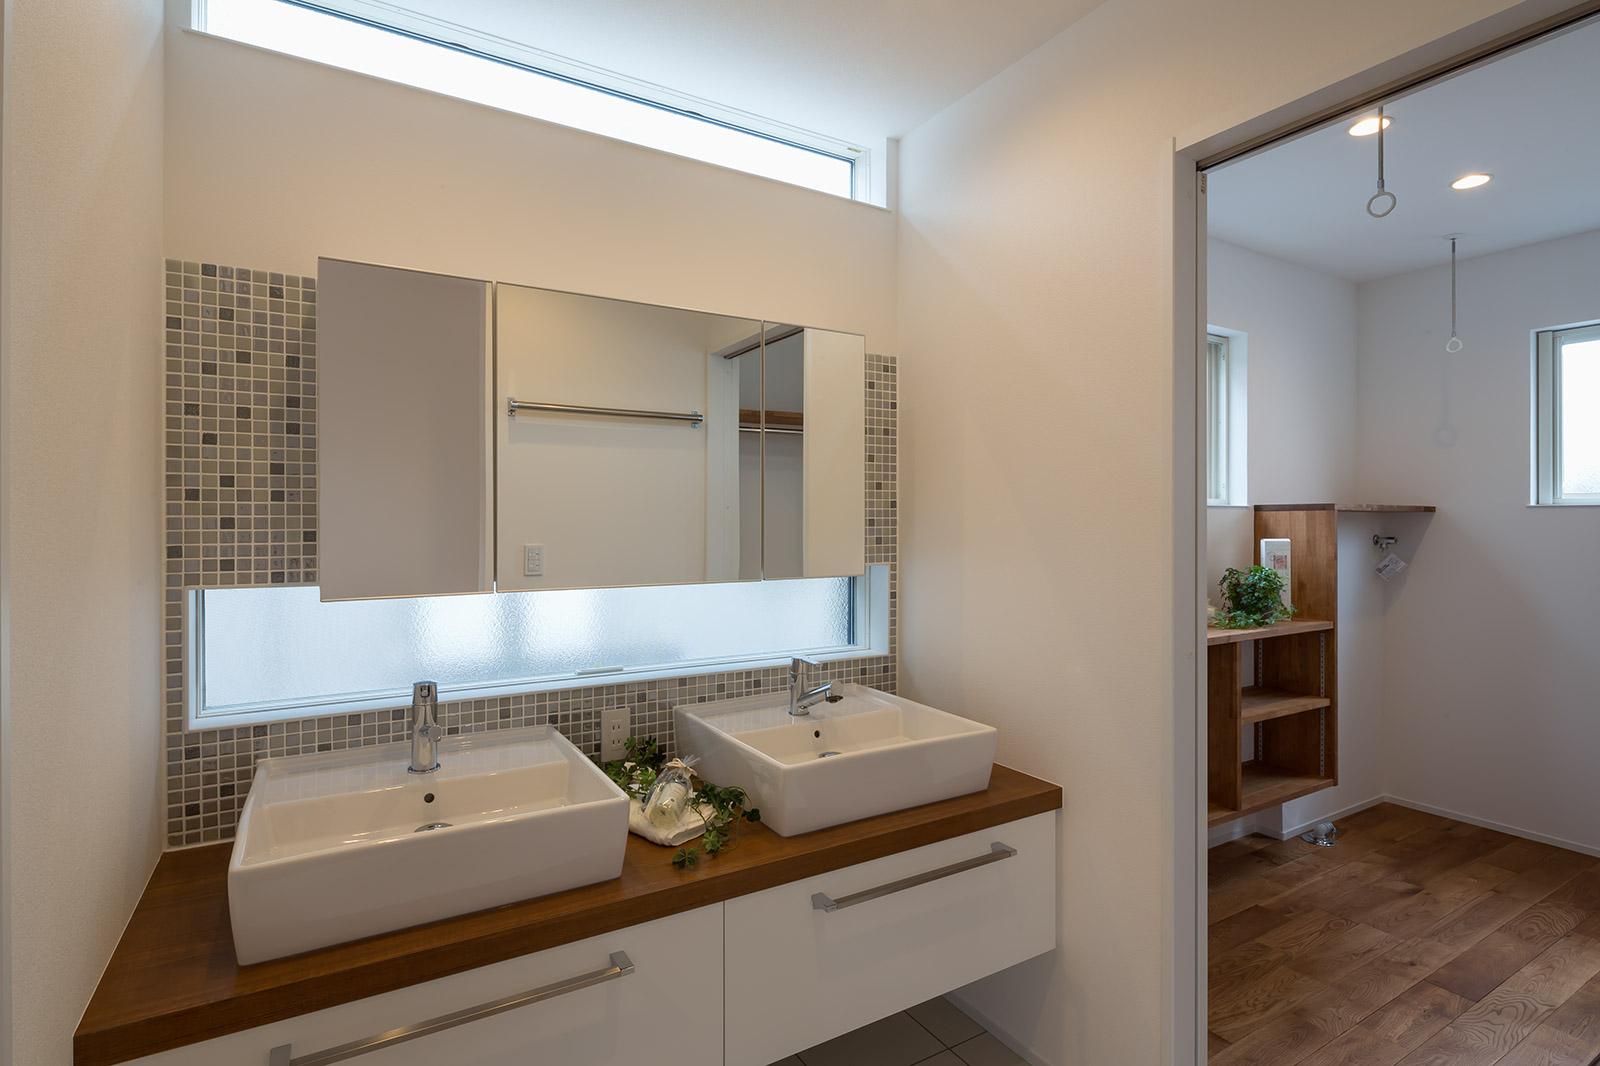 家族数に合わせて洗面台は2ボウルに。水まわりは親世帯のリビングとは対角にい位置している